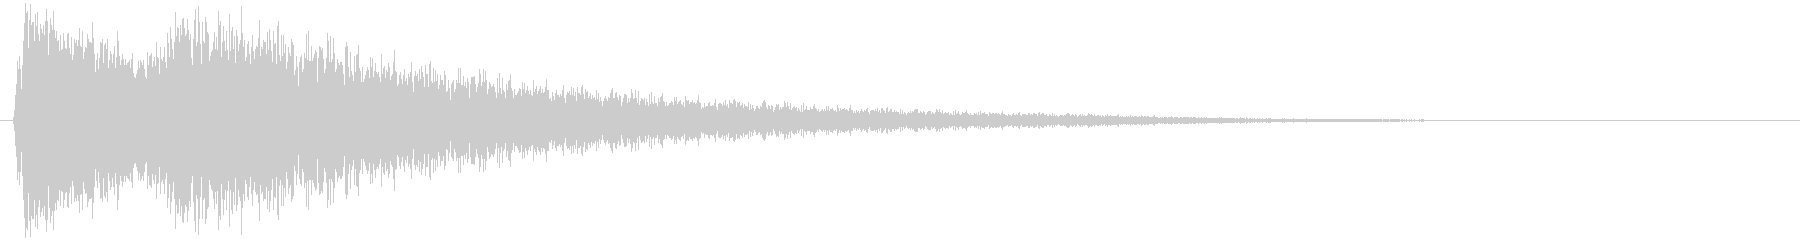 ビシャーンの未再生の波形